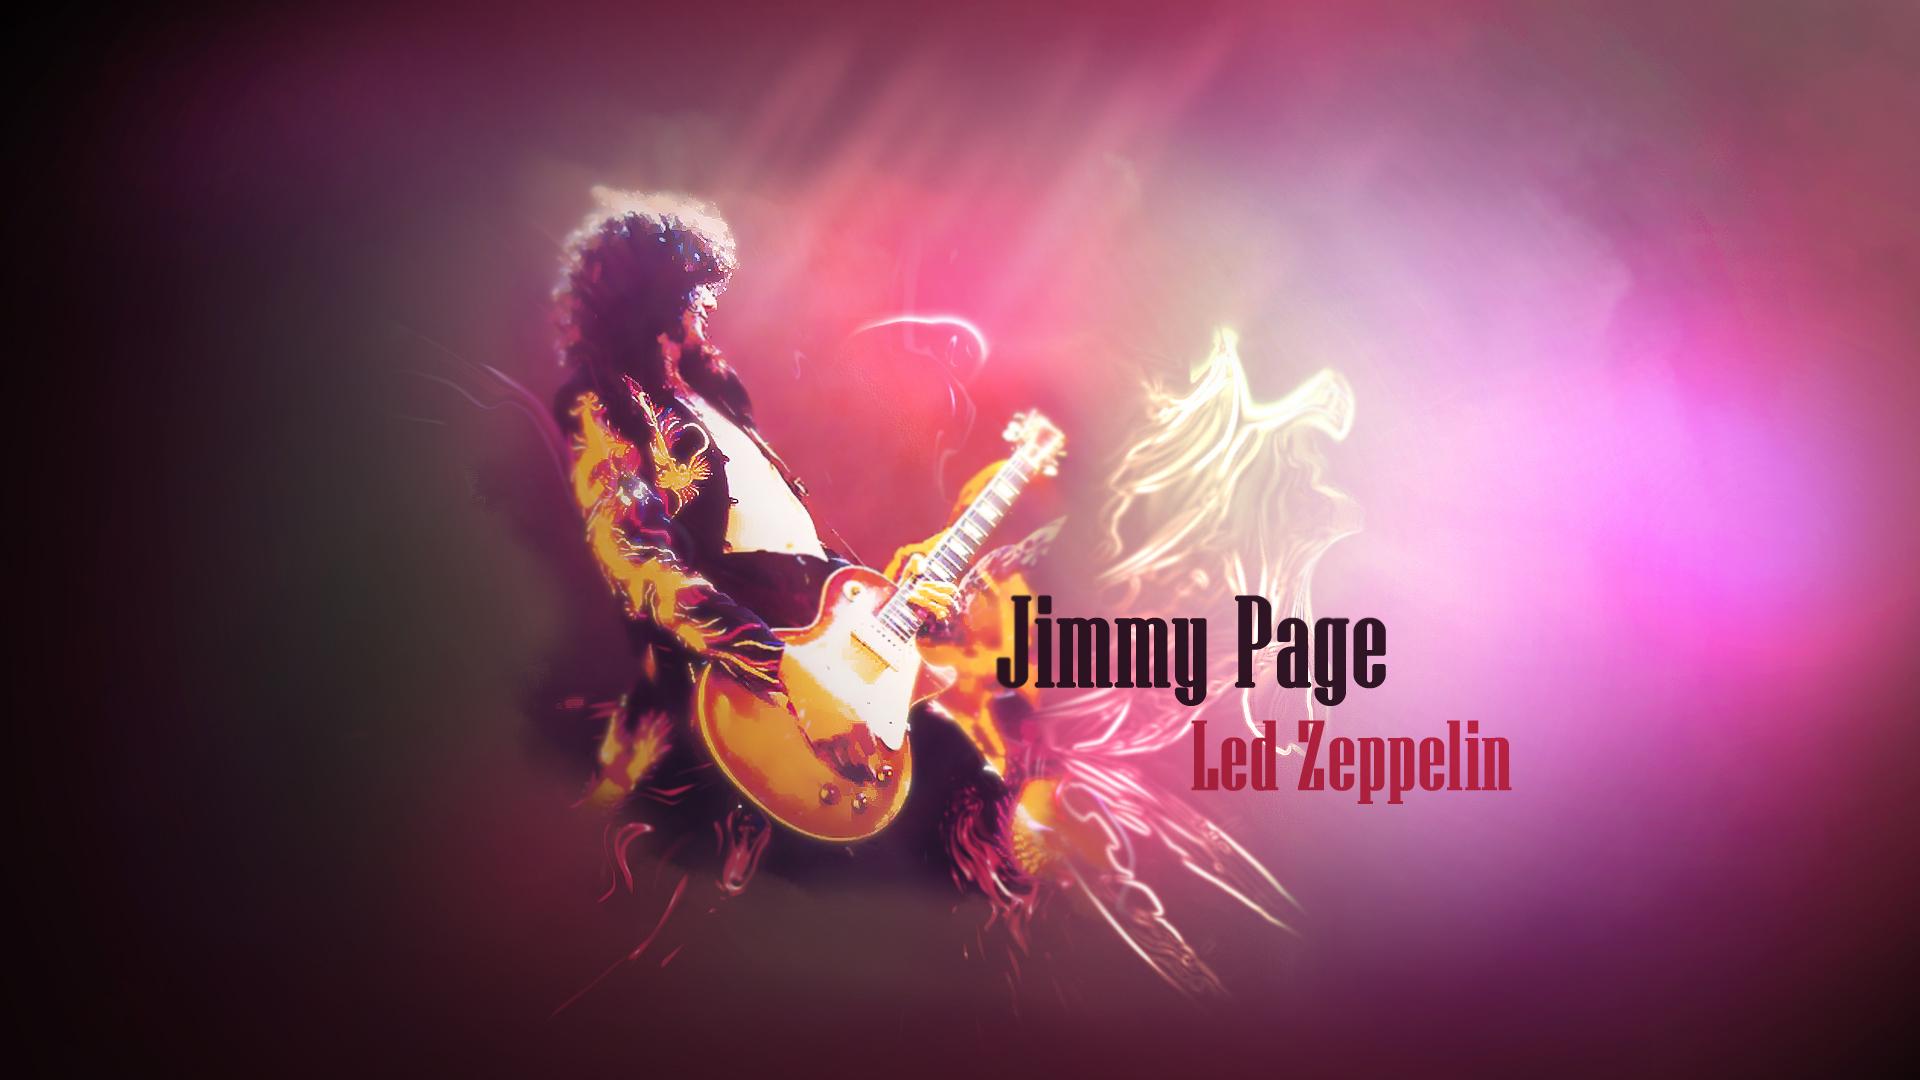 """Άλλη μία πρωτιά για τον Θρυλικό Jimmy Page που αναδείχτηκε ο καλύτερος κιθαρίστας τις κιθάρας """"Gibson Les Paul."""" Jimmy-Page-jimmy-page-37700978-1920-1080"""